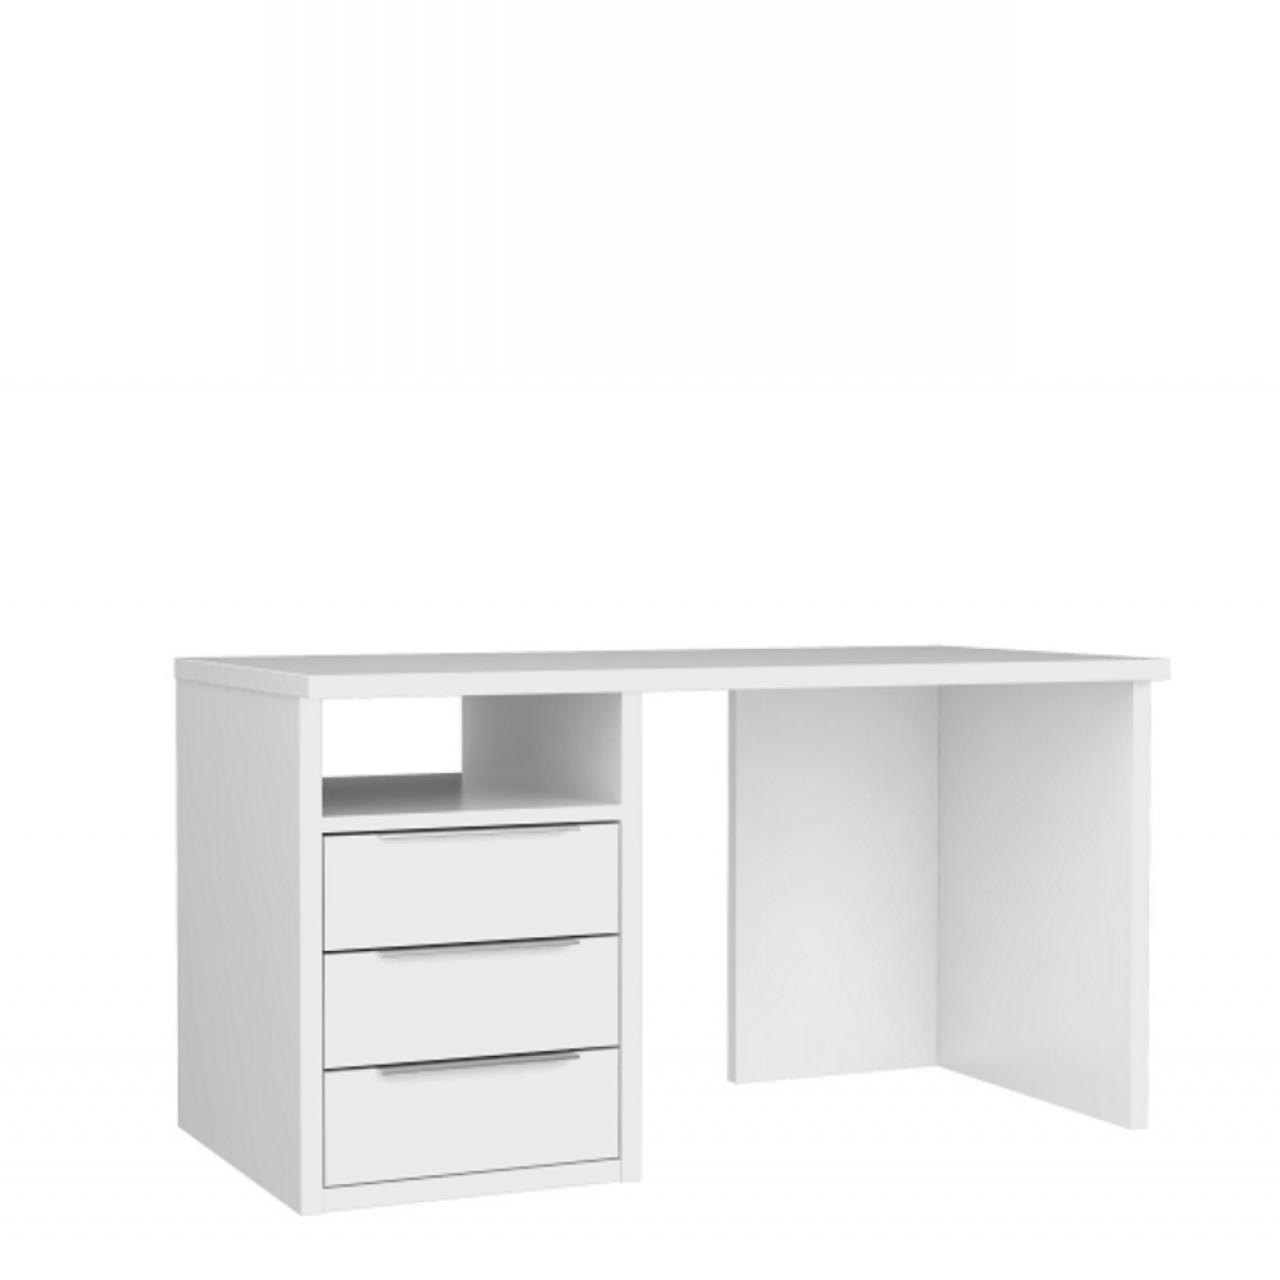 schreibtisch opus wei matt schreib computertische b ro m bel j hnichen center gmbh. Black Bedroom Furniture Sets. Home Design Ideas